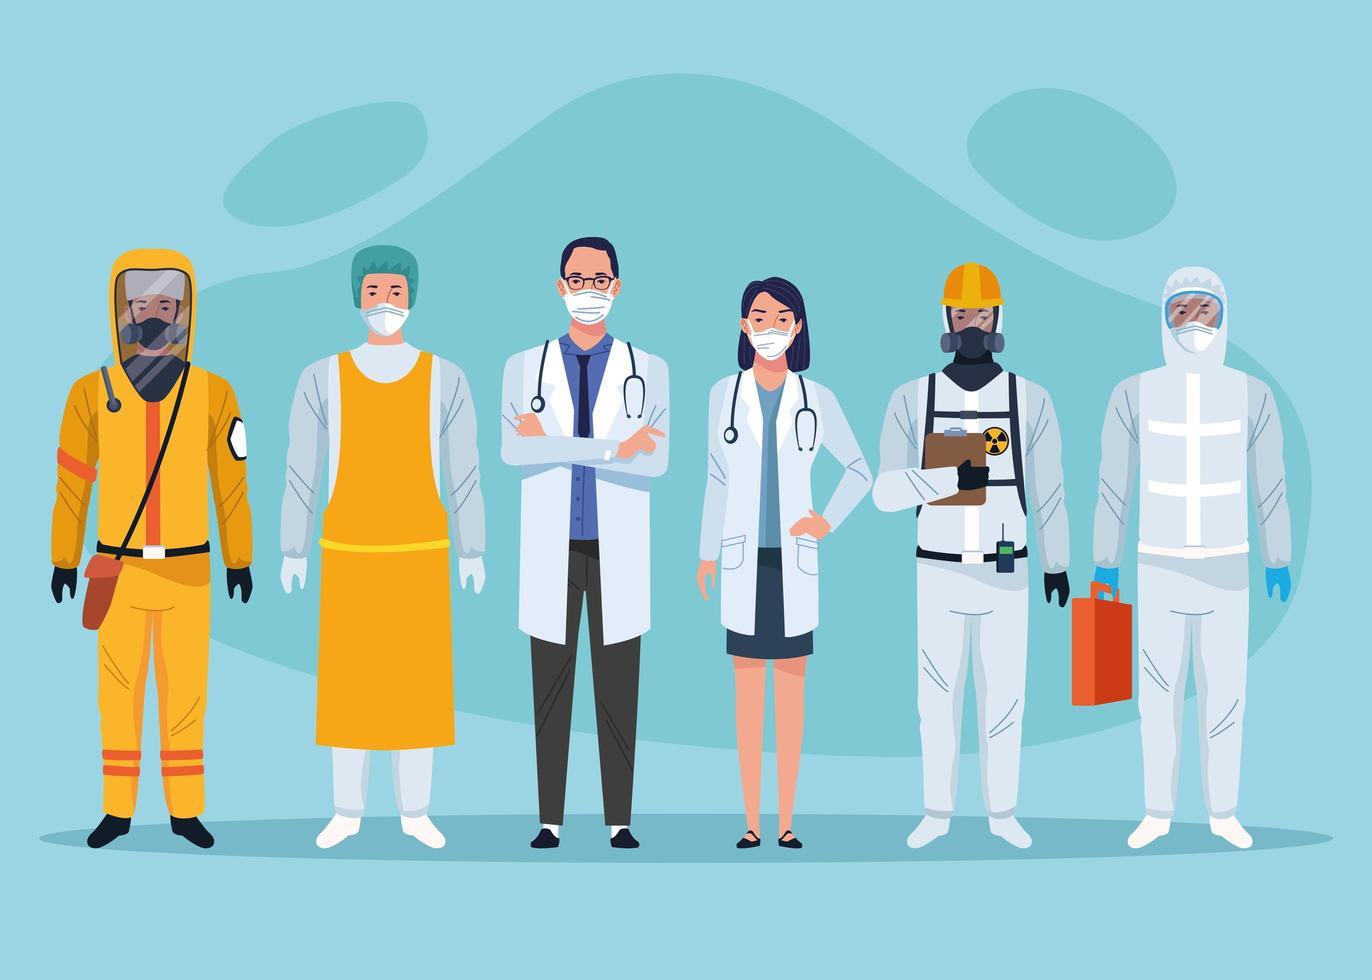 Gruppe von medizinischen Mitarbeitern im Gesundheitswesen Charaktere vektor